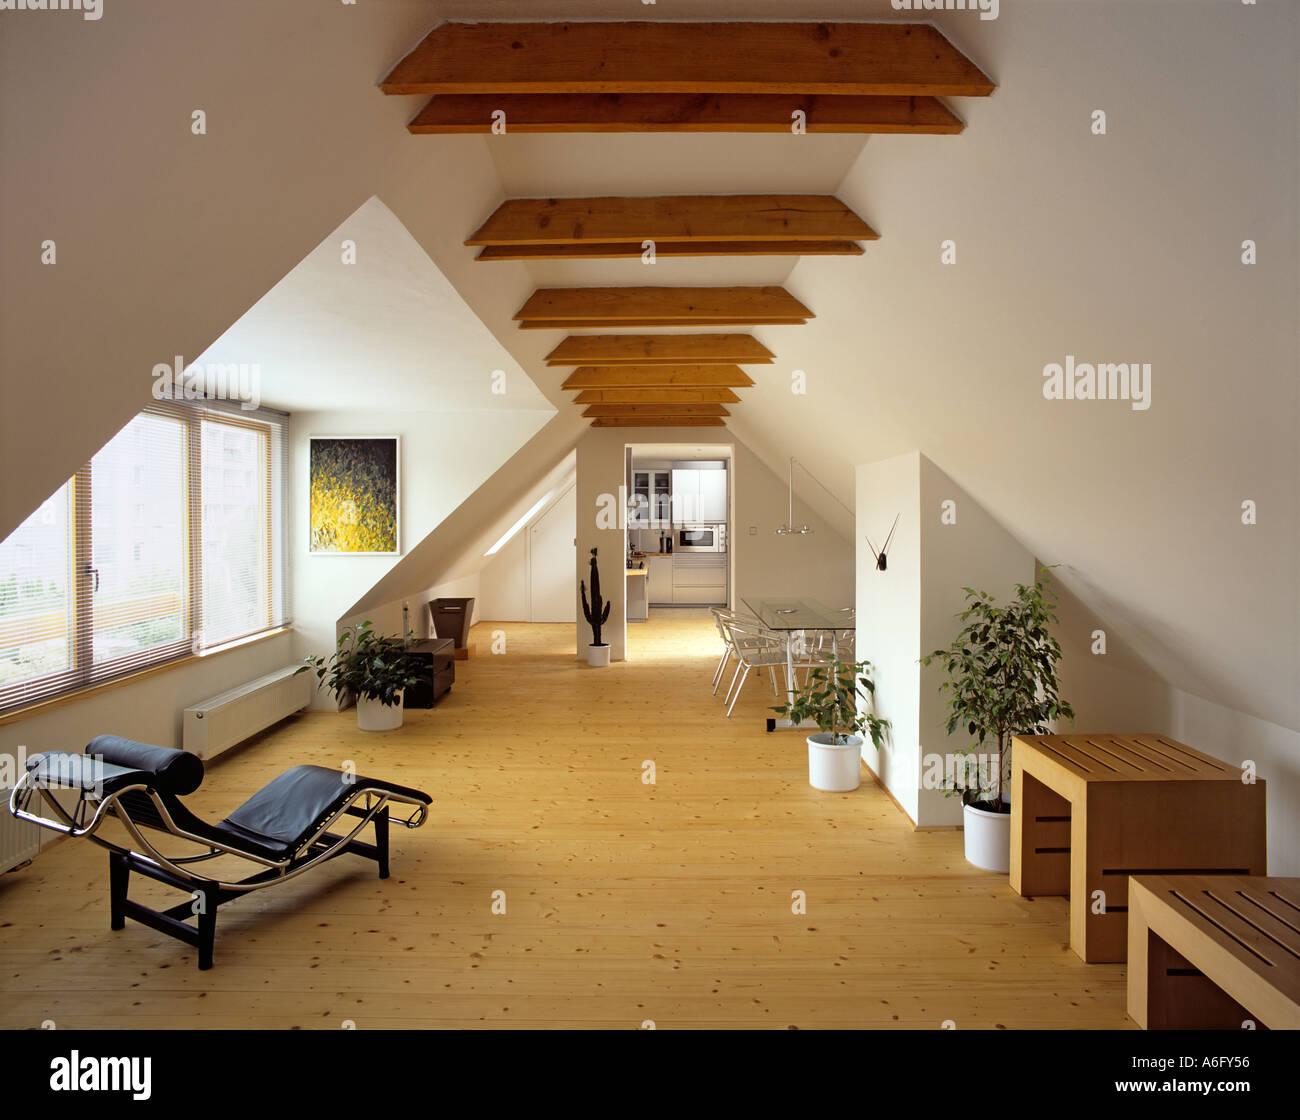 appartement mansardé moderne banque d'images, photo stock: 3776341